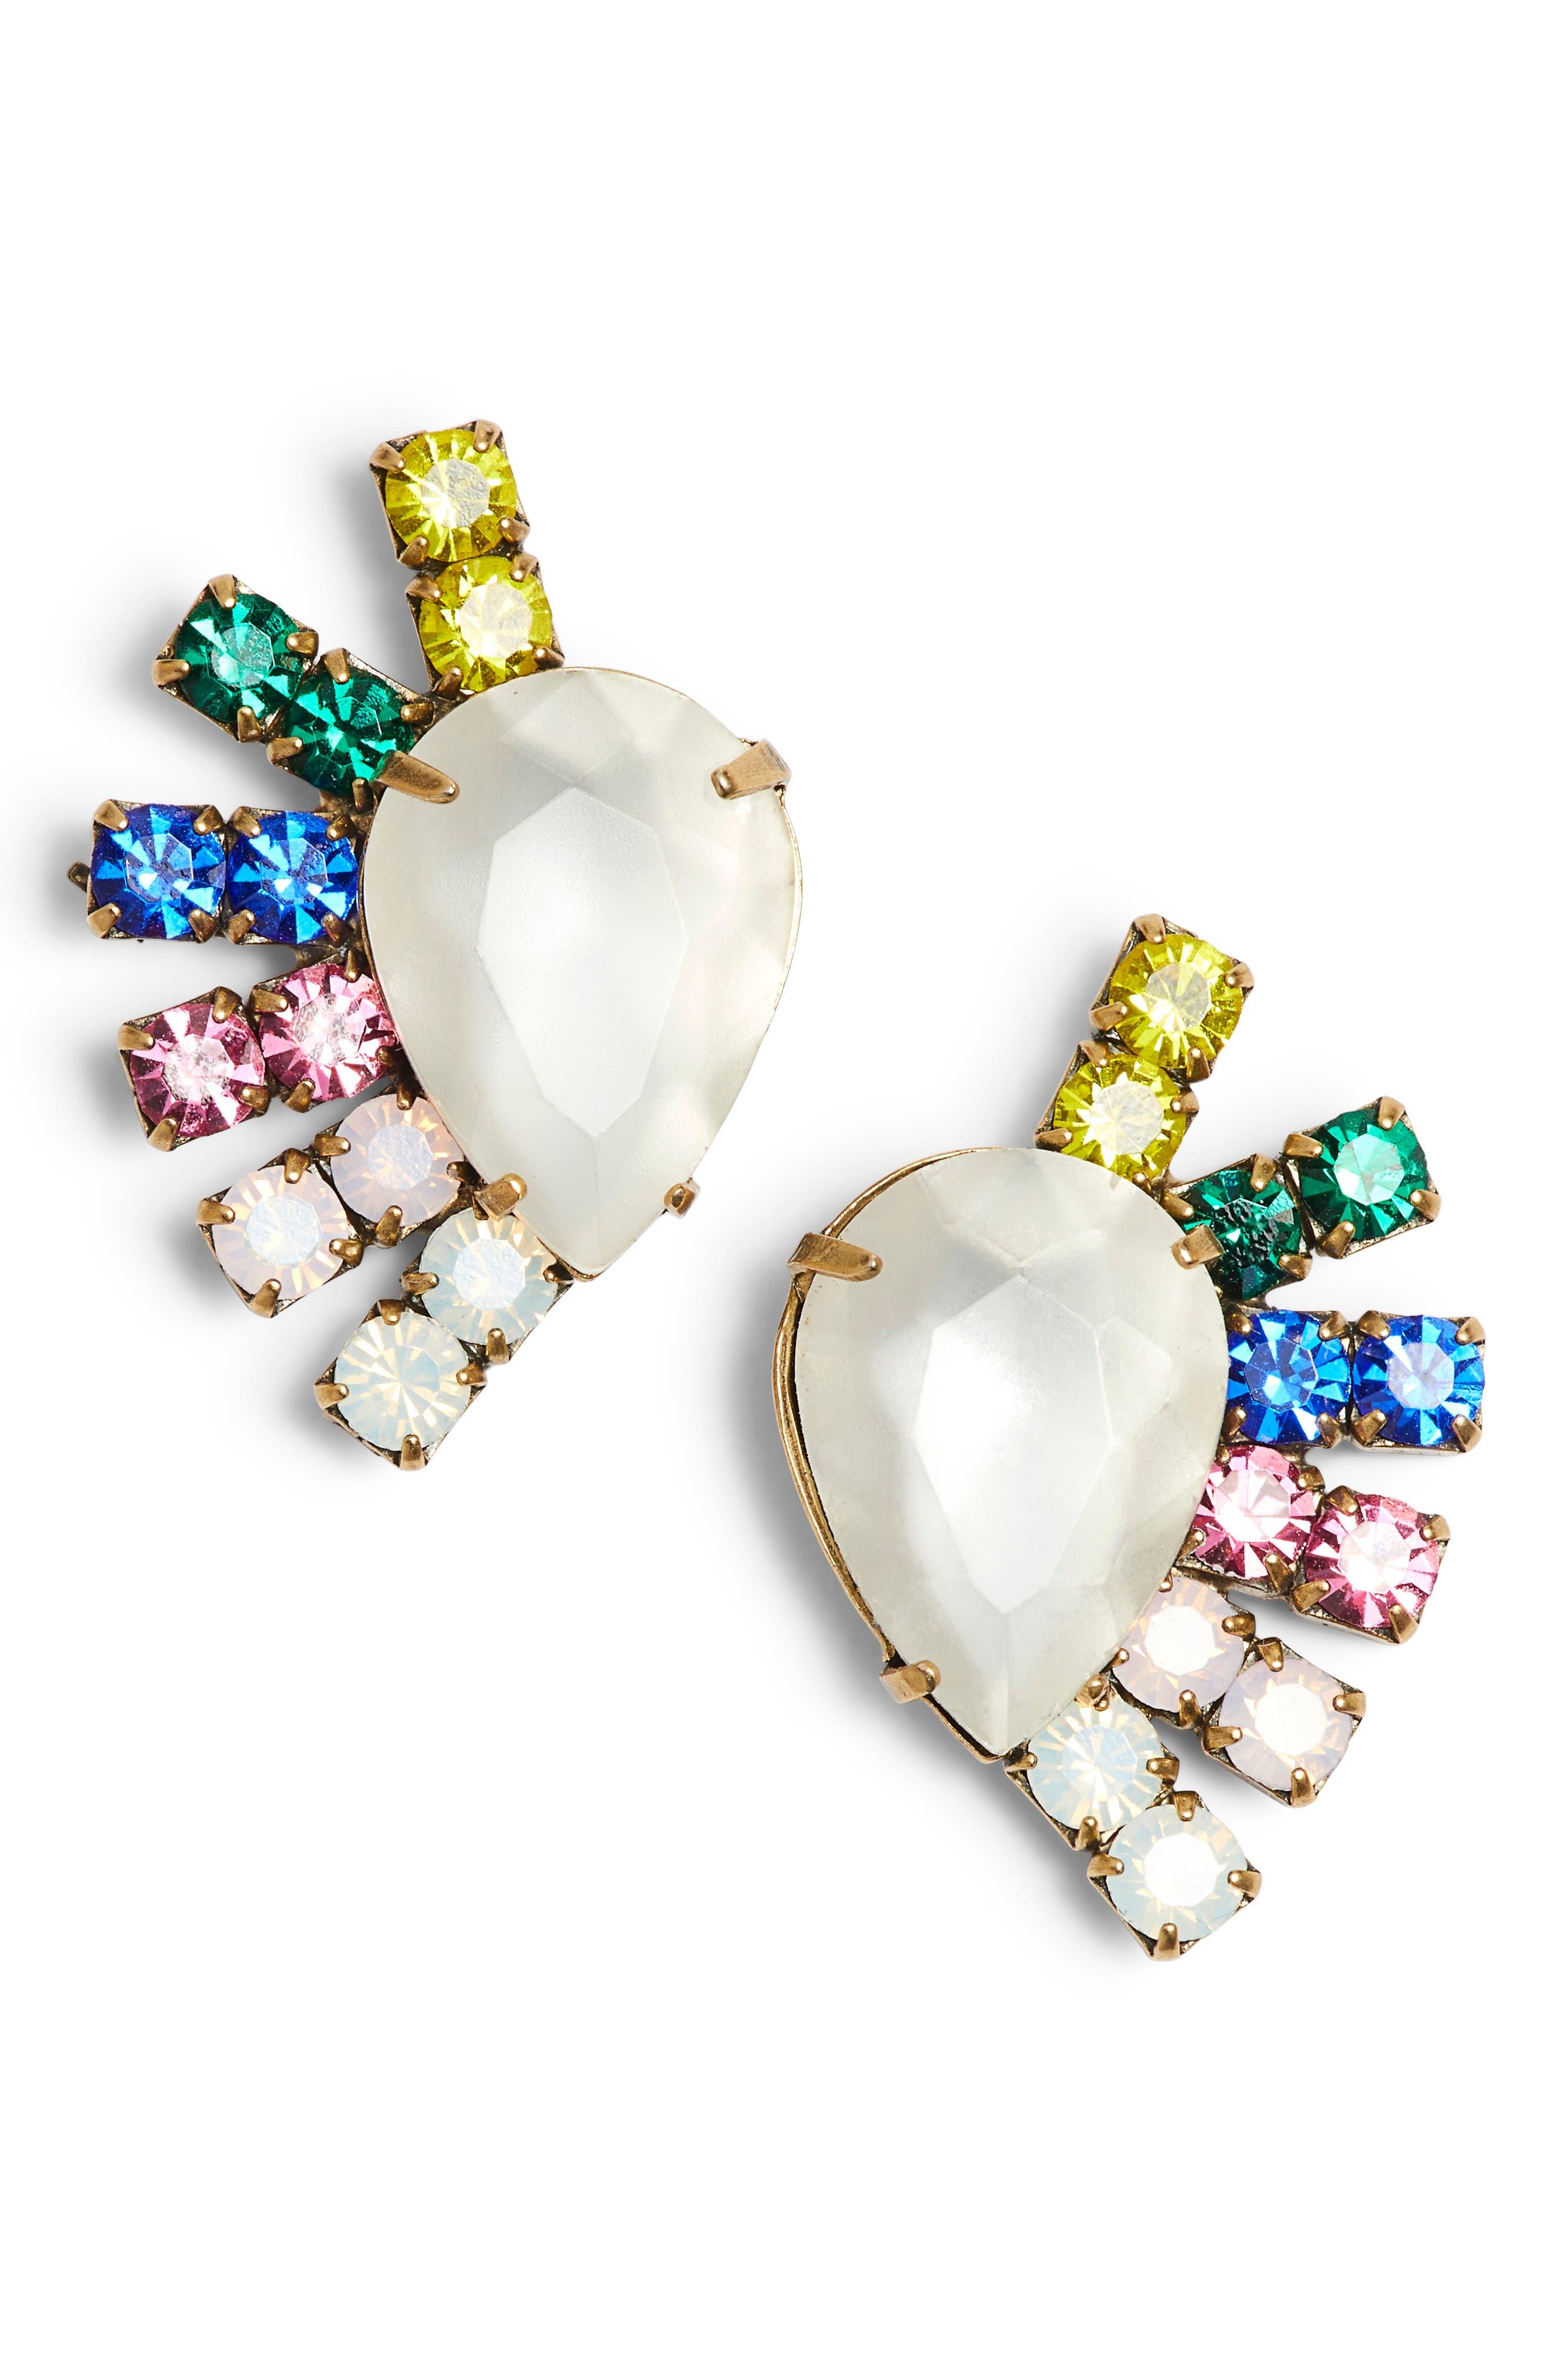 Alternate Image 1 Selected - Loren Hope Olivia Stud Earrings